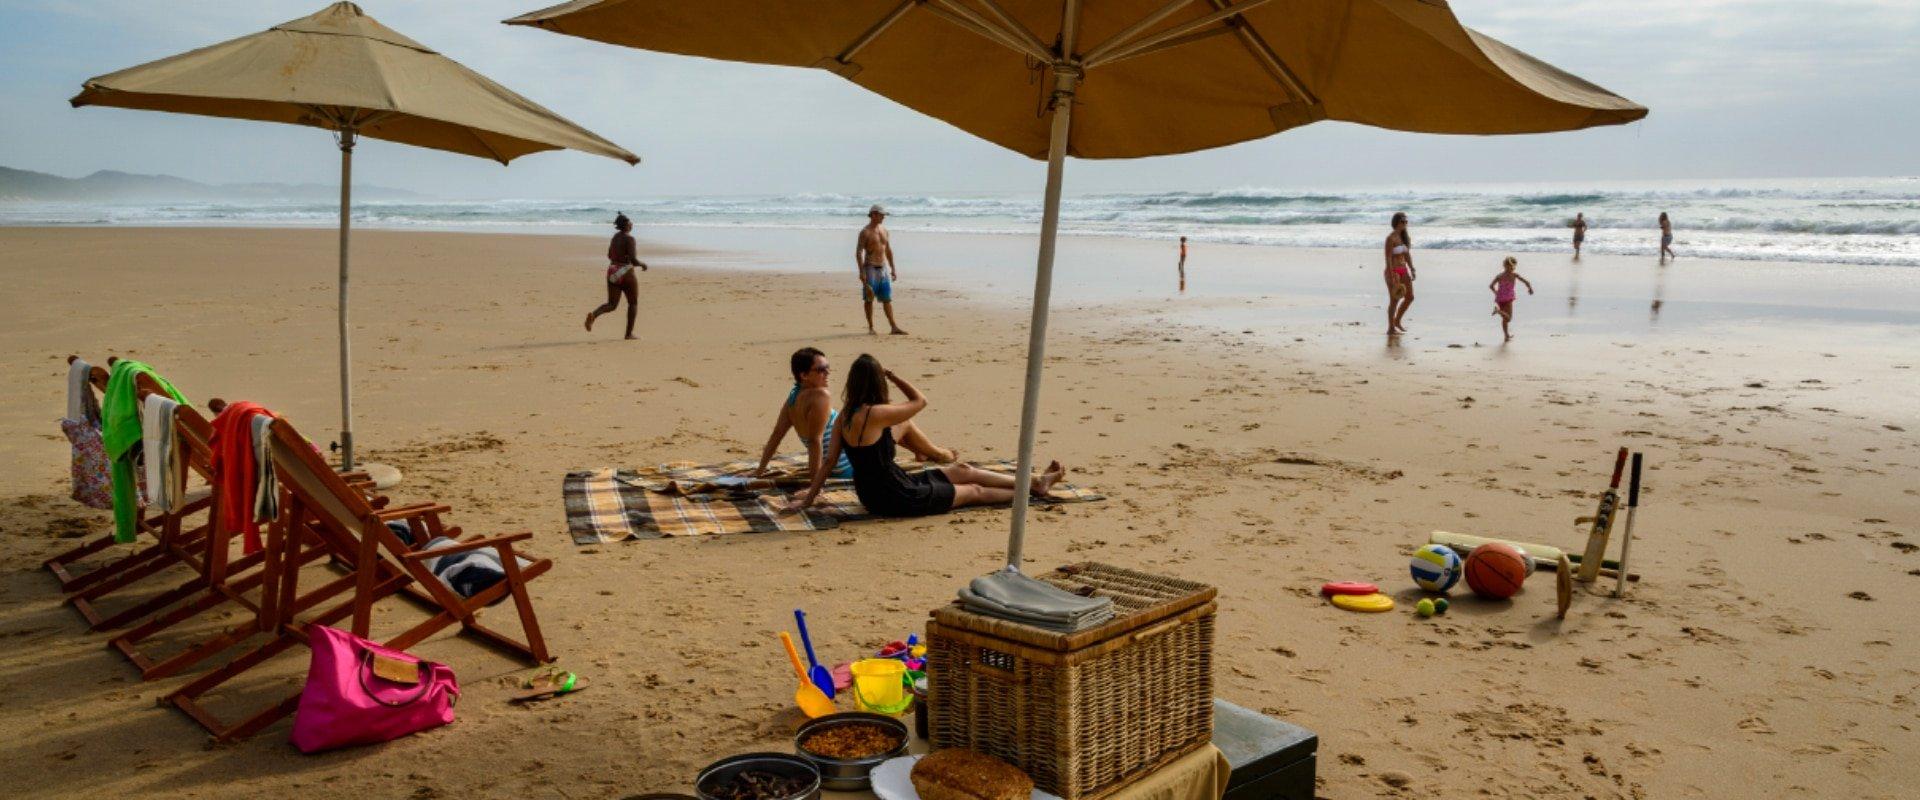 Wind down on the sunny beach